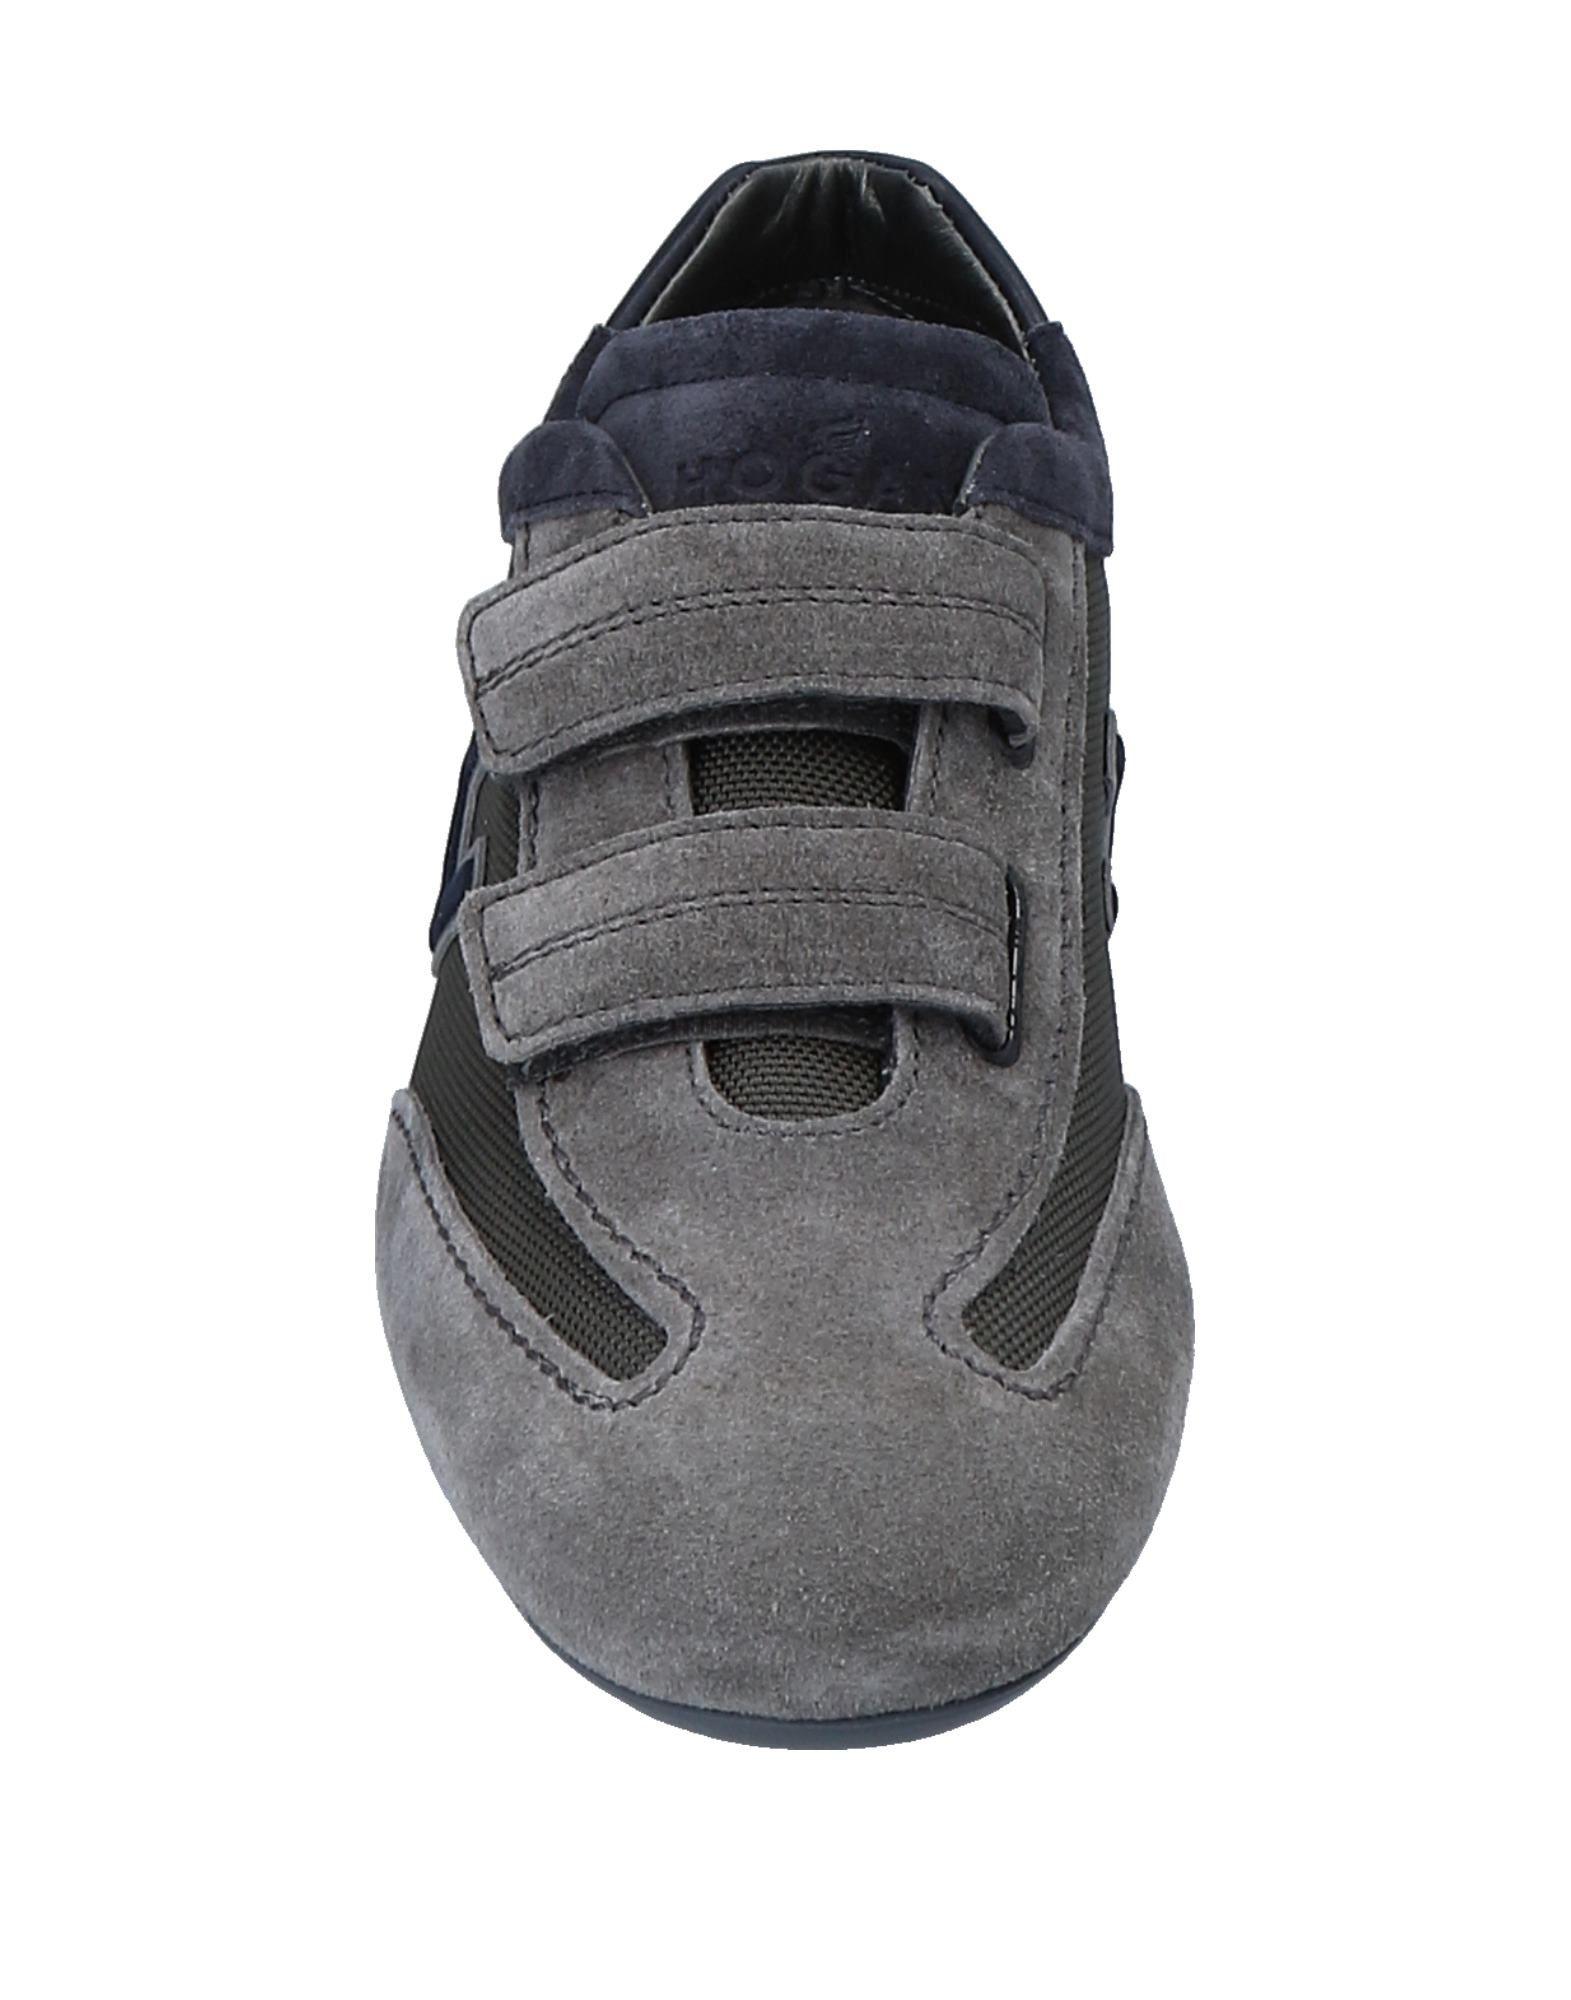 Hogan Sneakers Sneakers Hogan Herren  11559983PT Gute Qualität beliebte Schuhe 54a18a